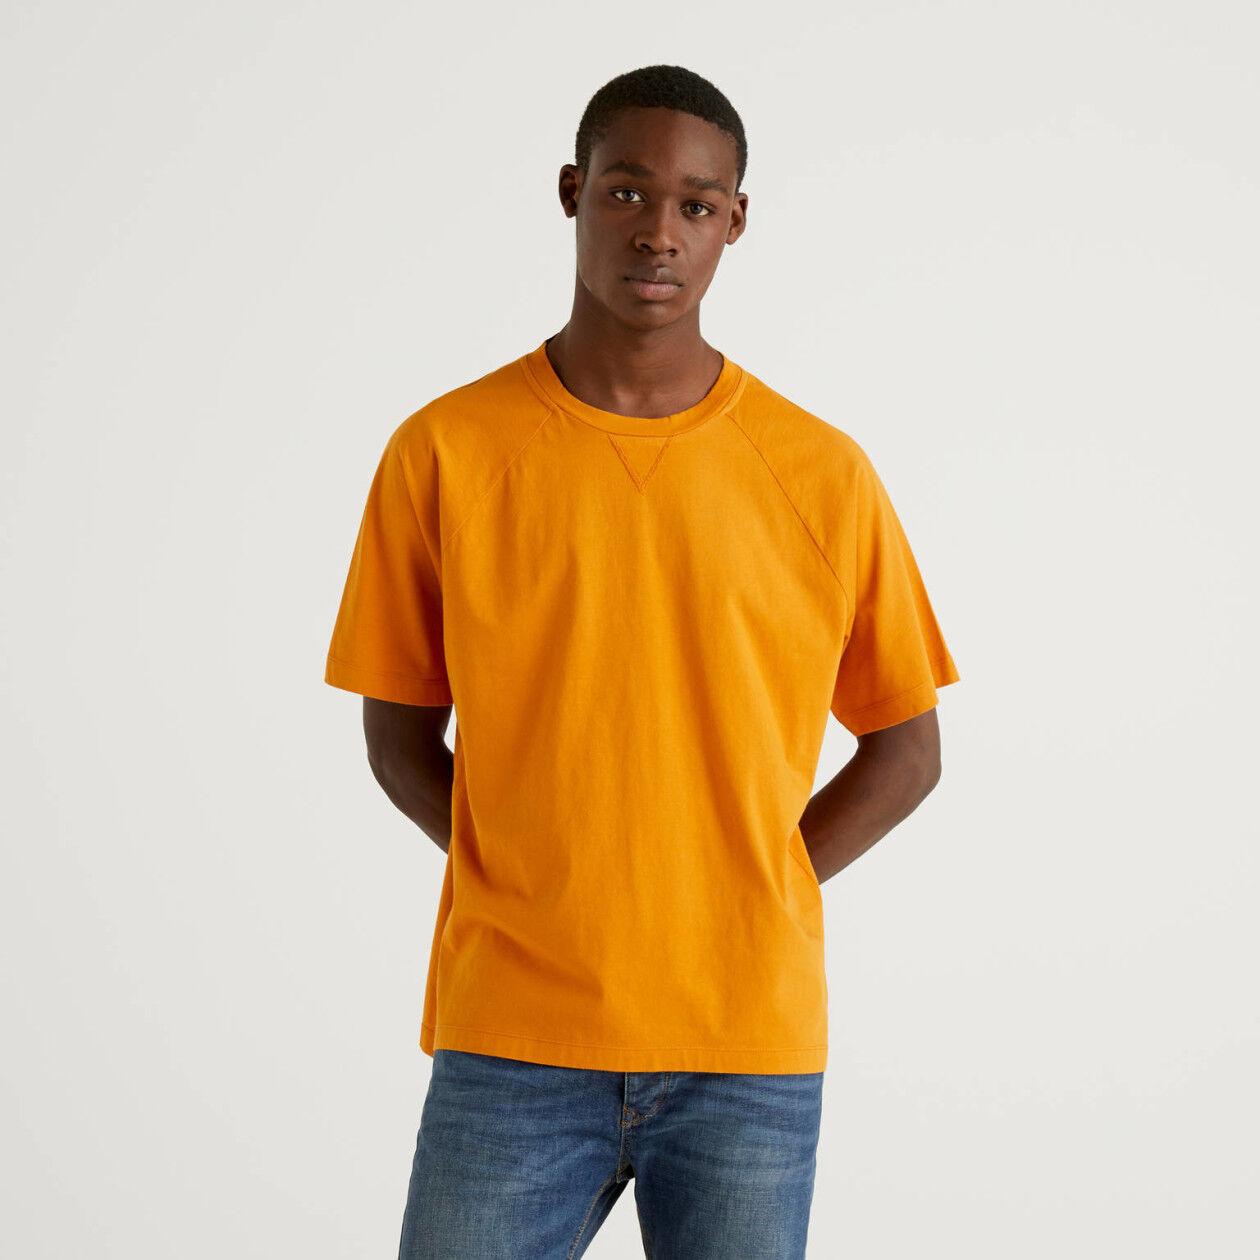 T-shirt 100% algodão com manga raglan